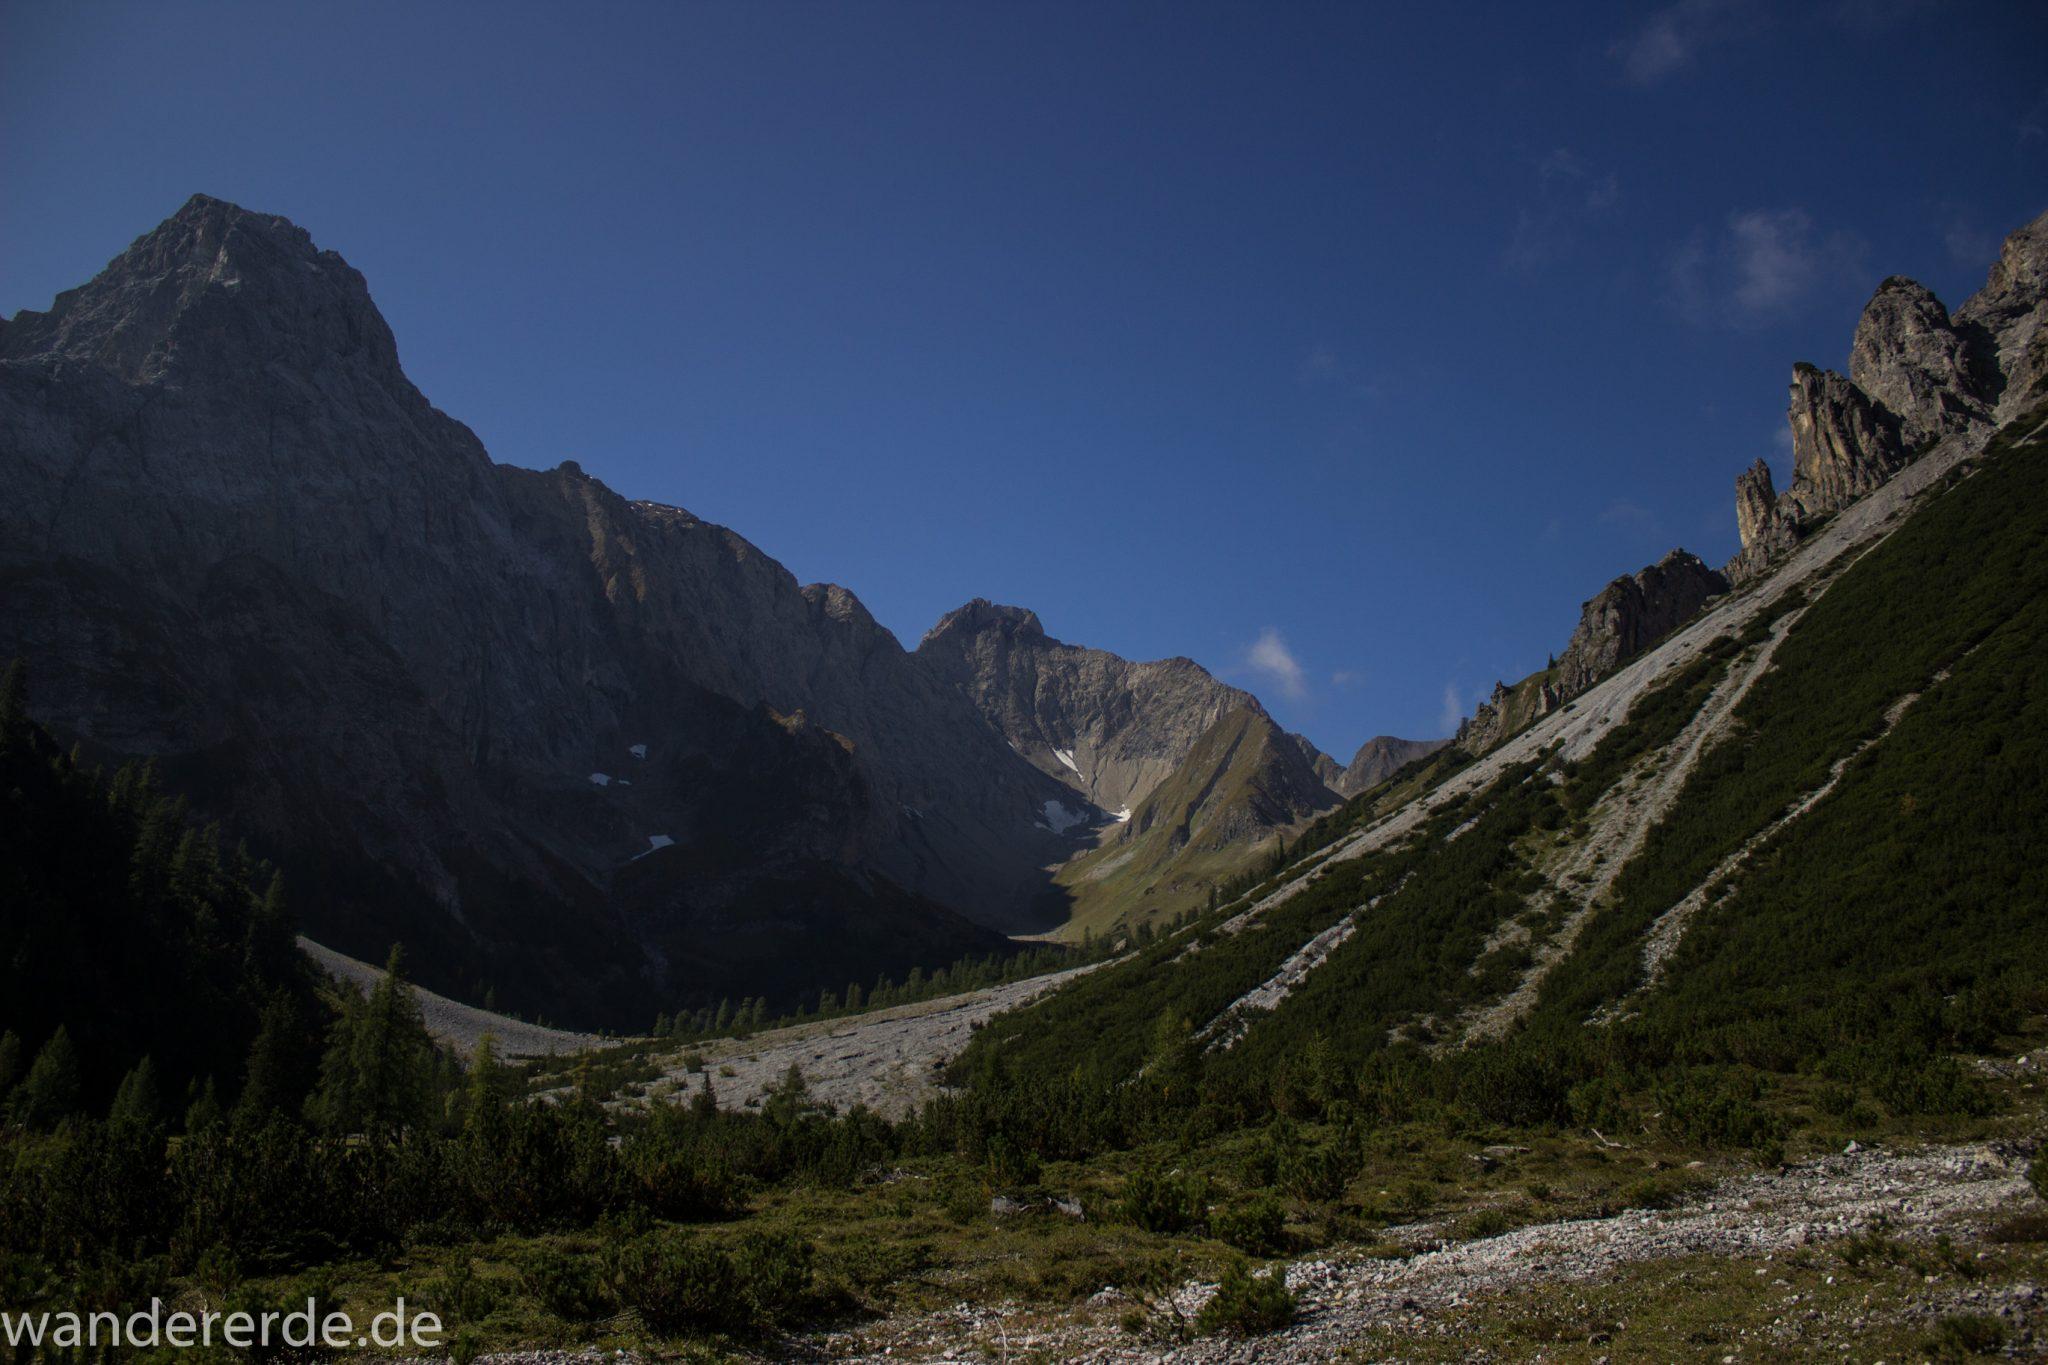 Alpenüberquerung Fernwanderweg E5 Oberstdorf Meran, 3. Etappe von Memminger Hütte zur Skihütte Zams, nach Erreichen der Seescharte folgt ein sehr langer Abstieg auf schmalem Wanderpfad ins Lochbachtal Richtung Zams, Aussicht auf beeindruckende Berge der Alpen und Bergwiesen, grüne Vegetation ist wieder erreicht